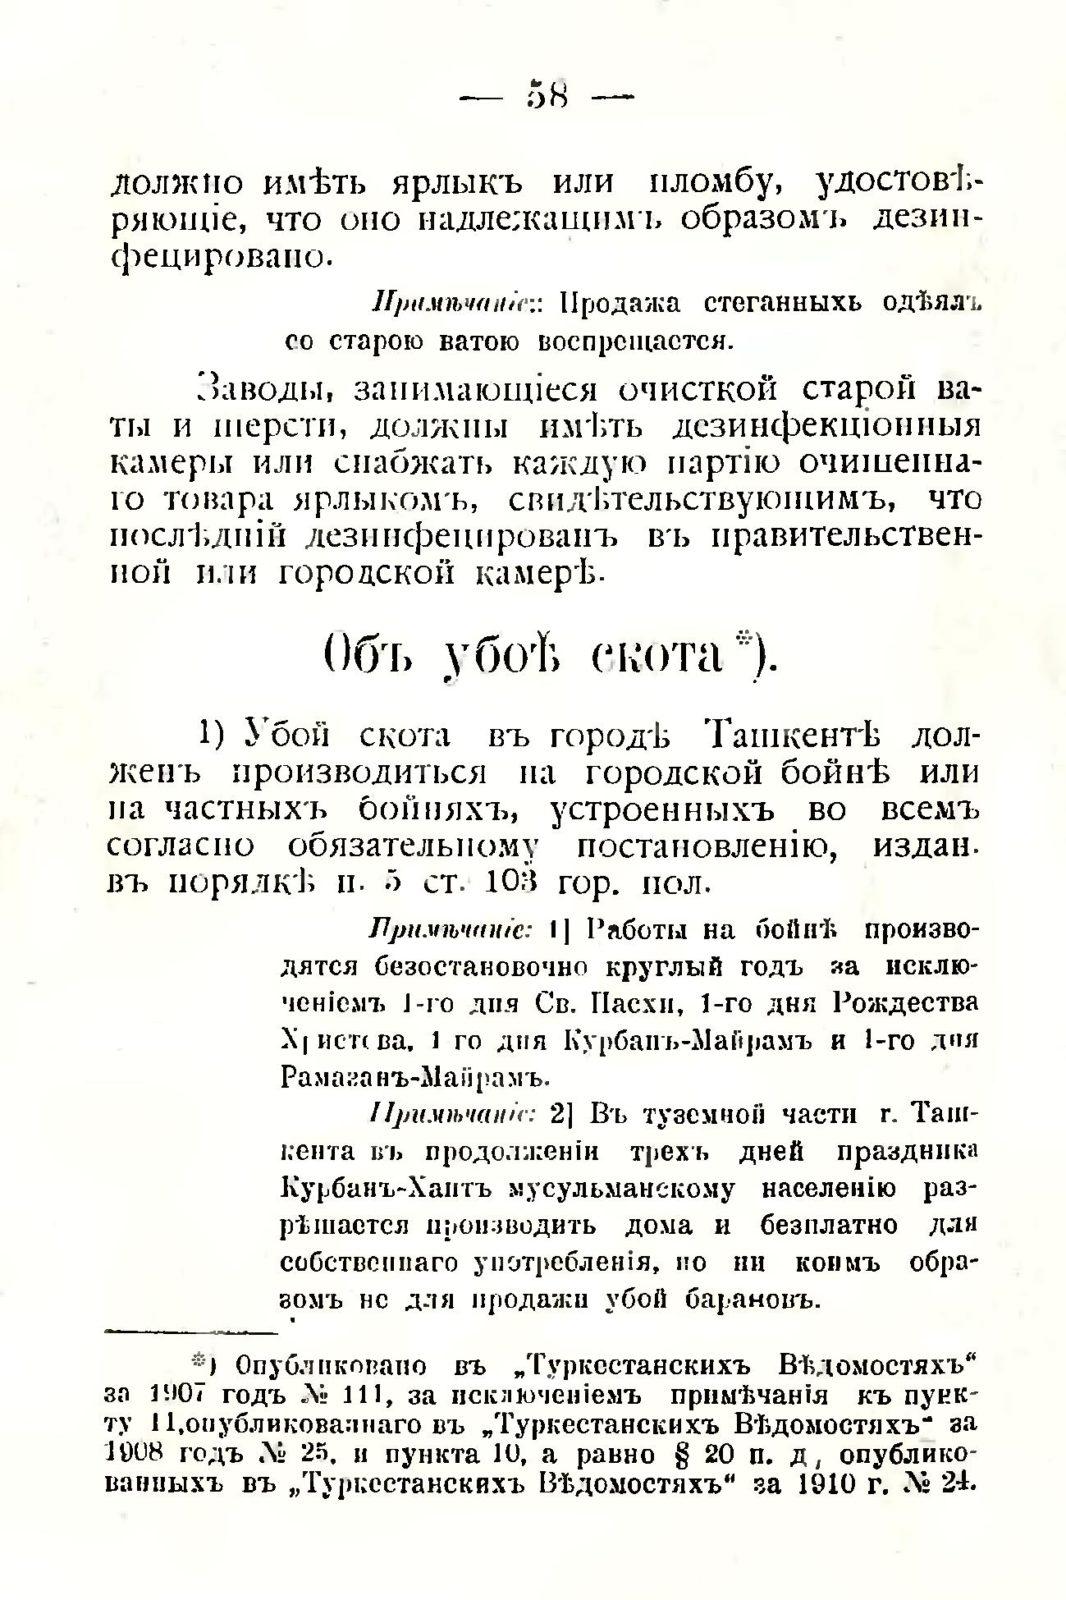 sbornik_obyazatelnyh_postanovlenii_tashkentskoi_gorodskoi_du_62